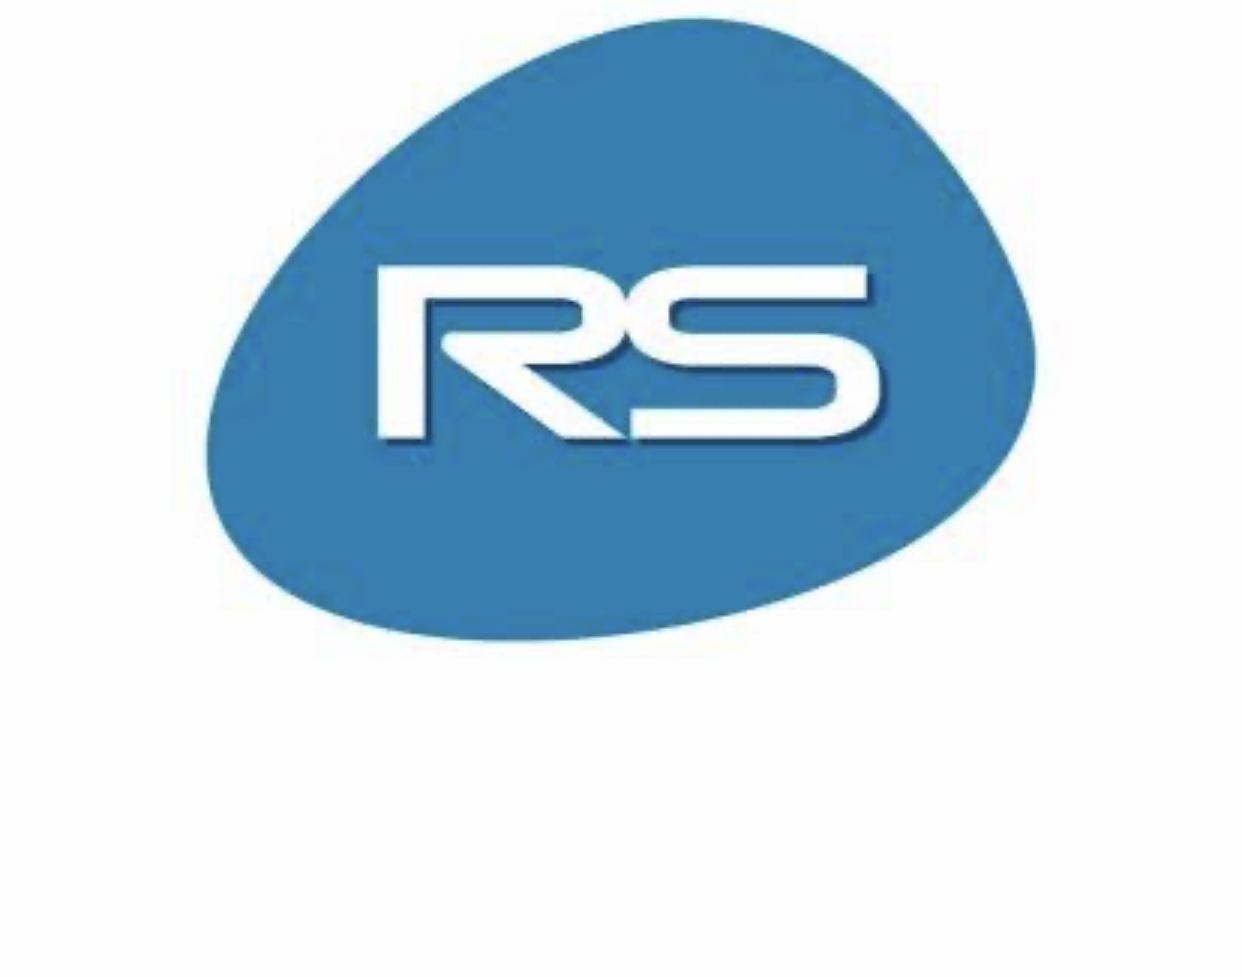 RS ยืนยันBBL เป็นผู้ถือหุ้นระยะยาวของอาร์เอส